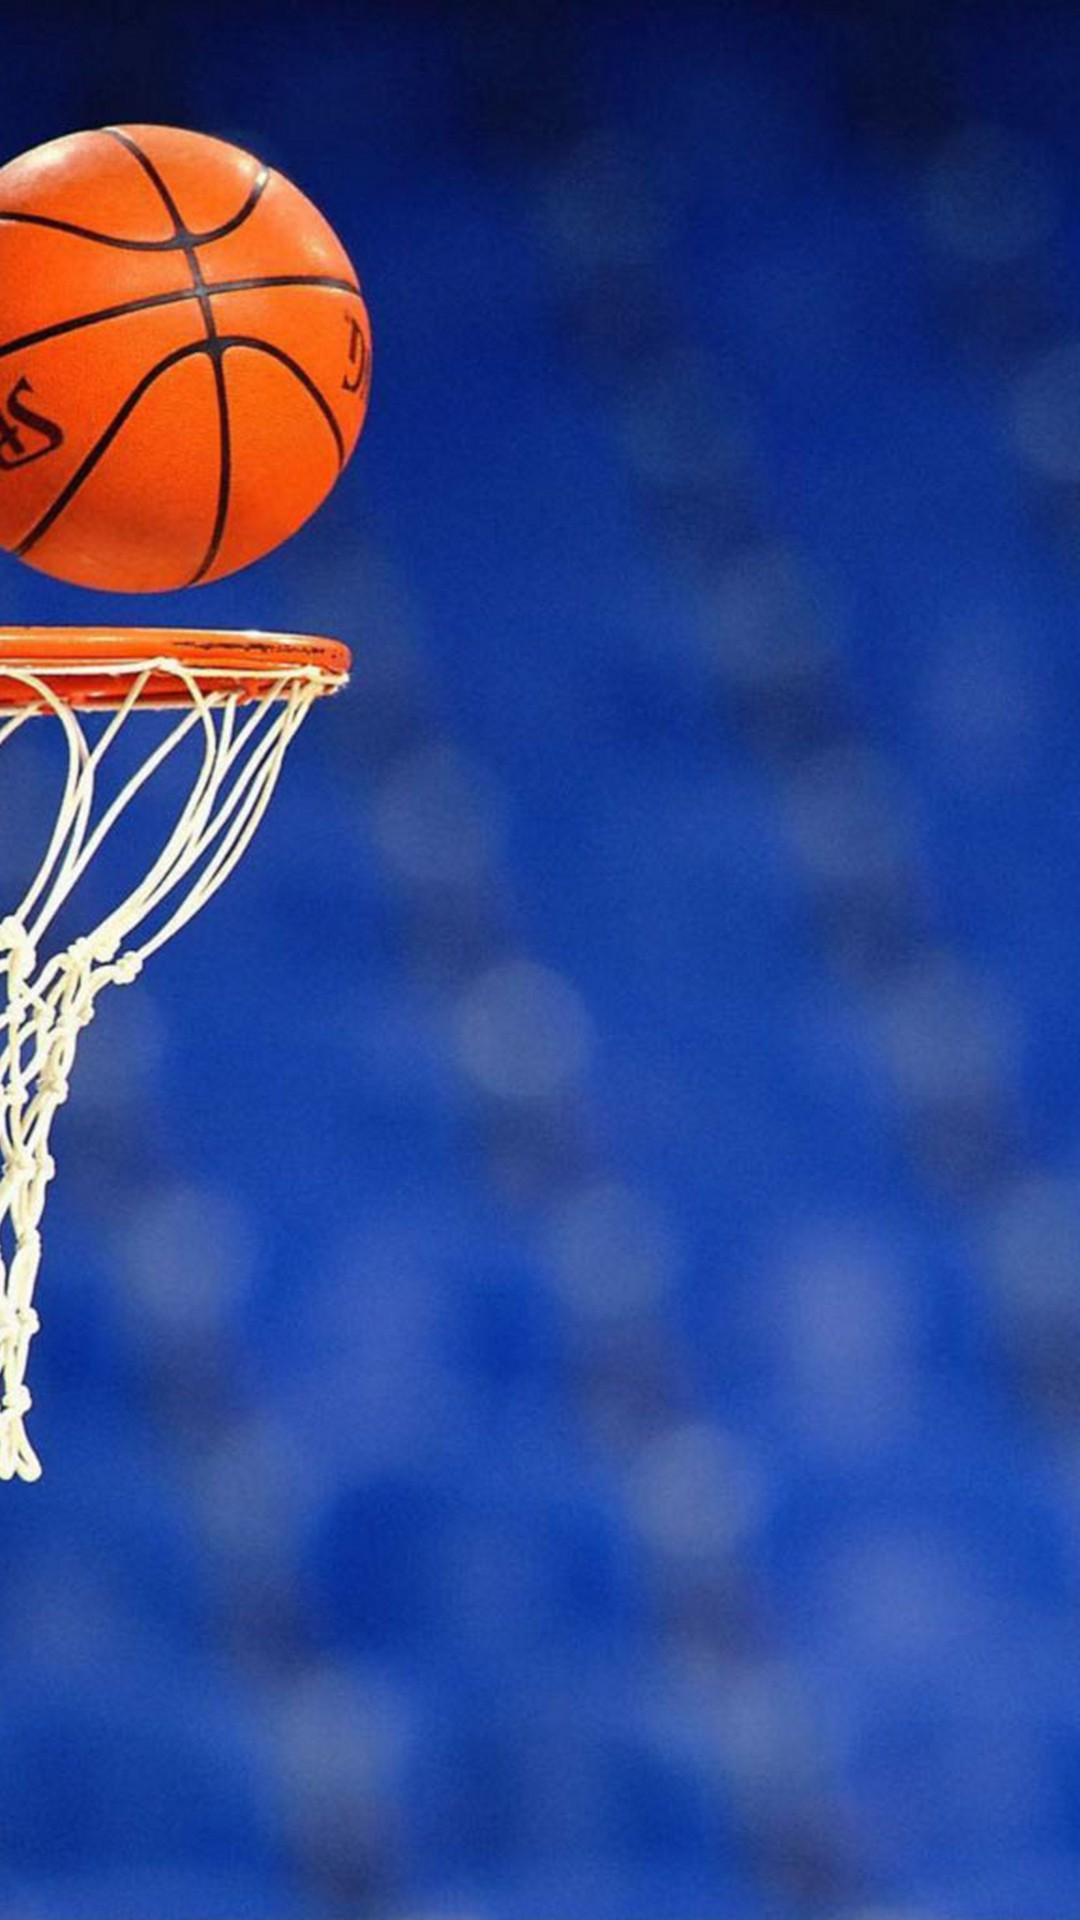 basketball iphone x wallpaper